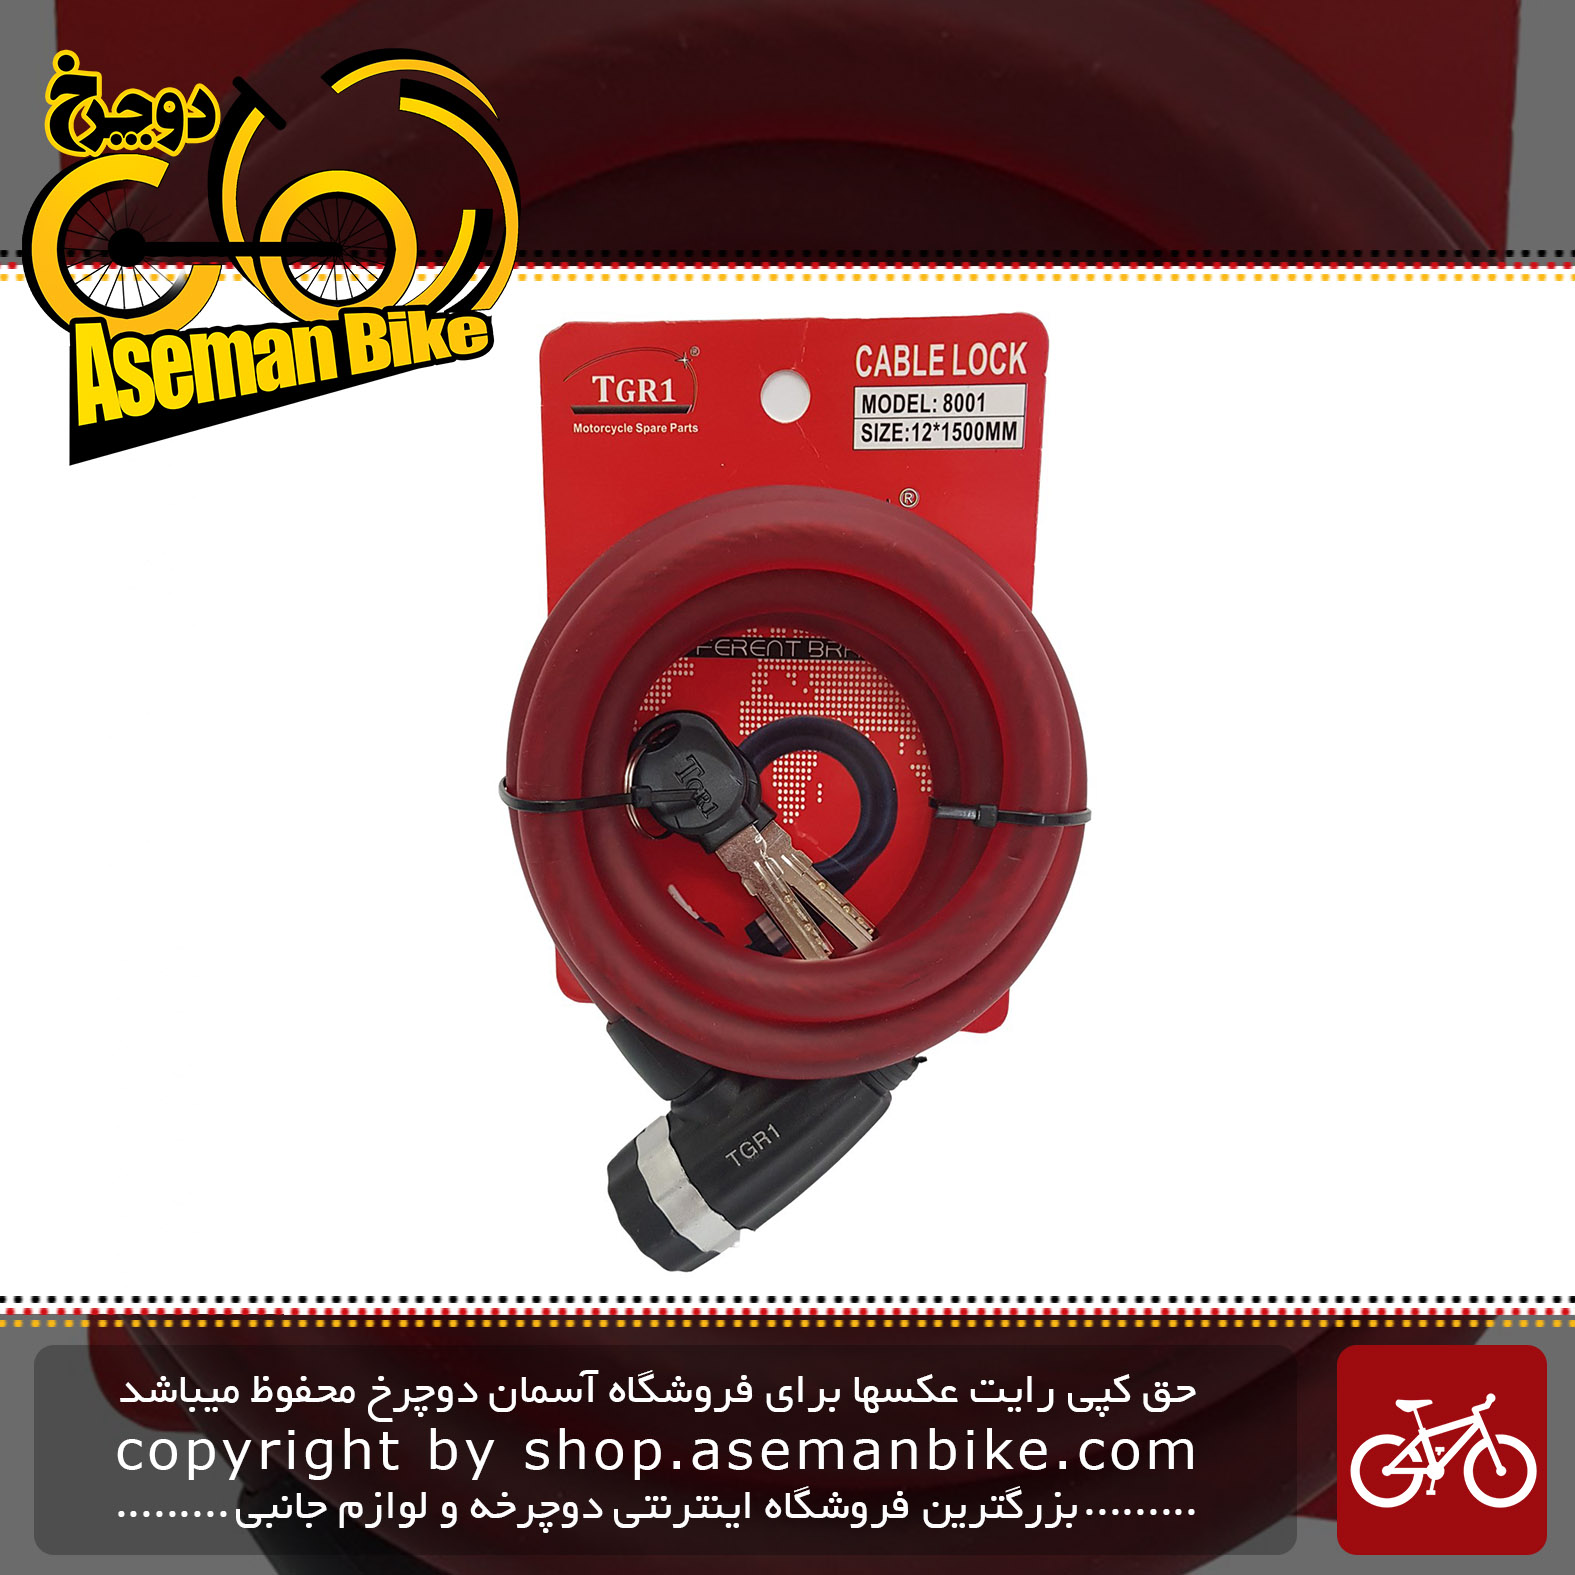 قفل دوچرخه تی جی آر 1 مدل 8001 TGR1 Cable lock